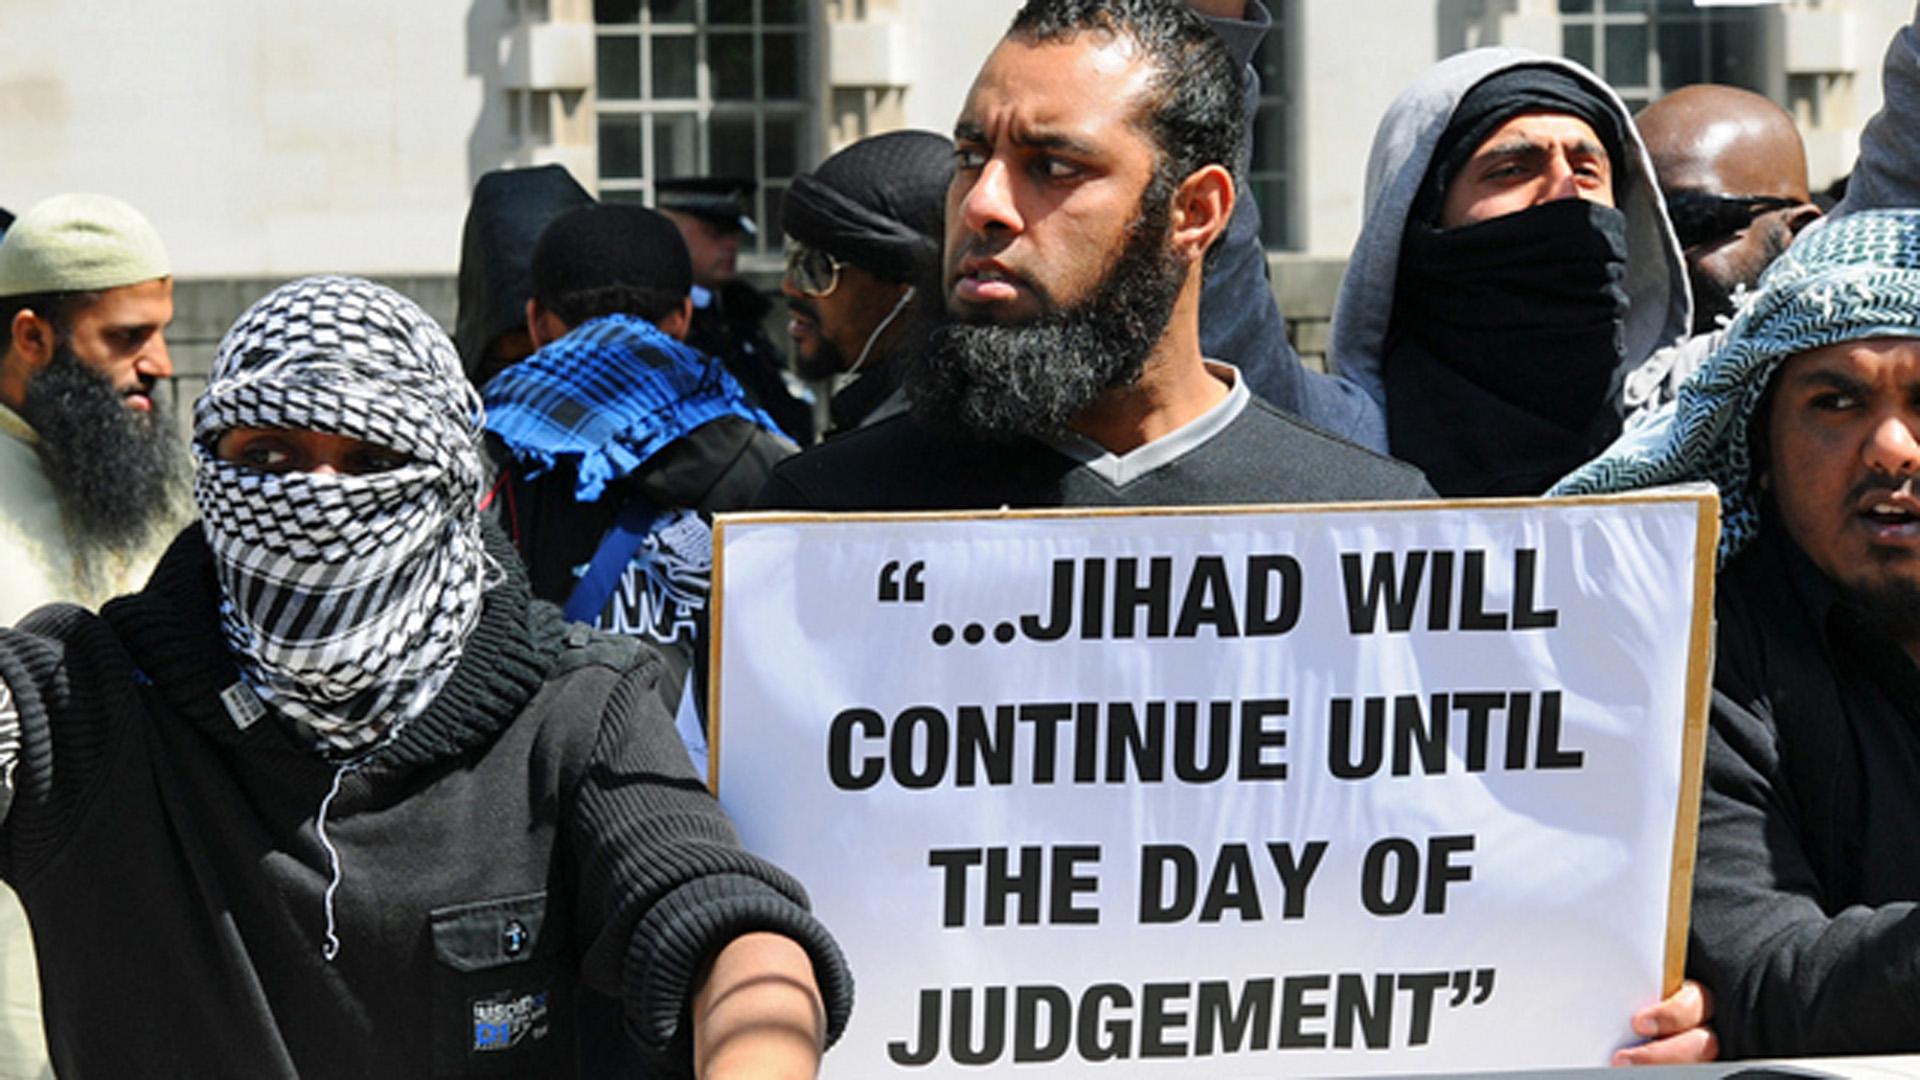 """Radikale Muslime drohen auf diesem Plakat: """"Der Dschihad geht weiter bis zum Jüngsten Tag"""" (Symbolbild)"""